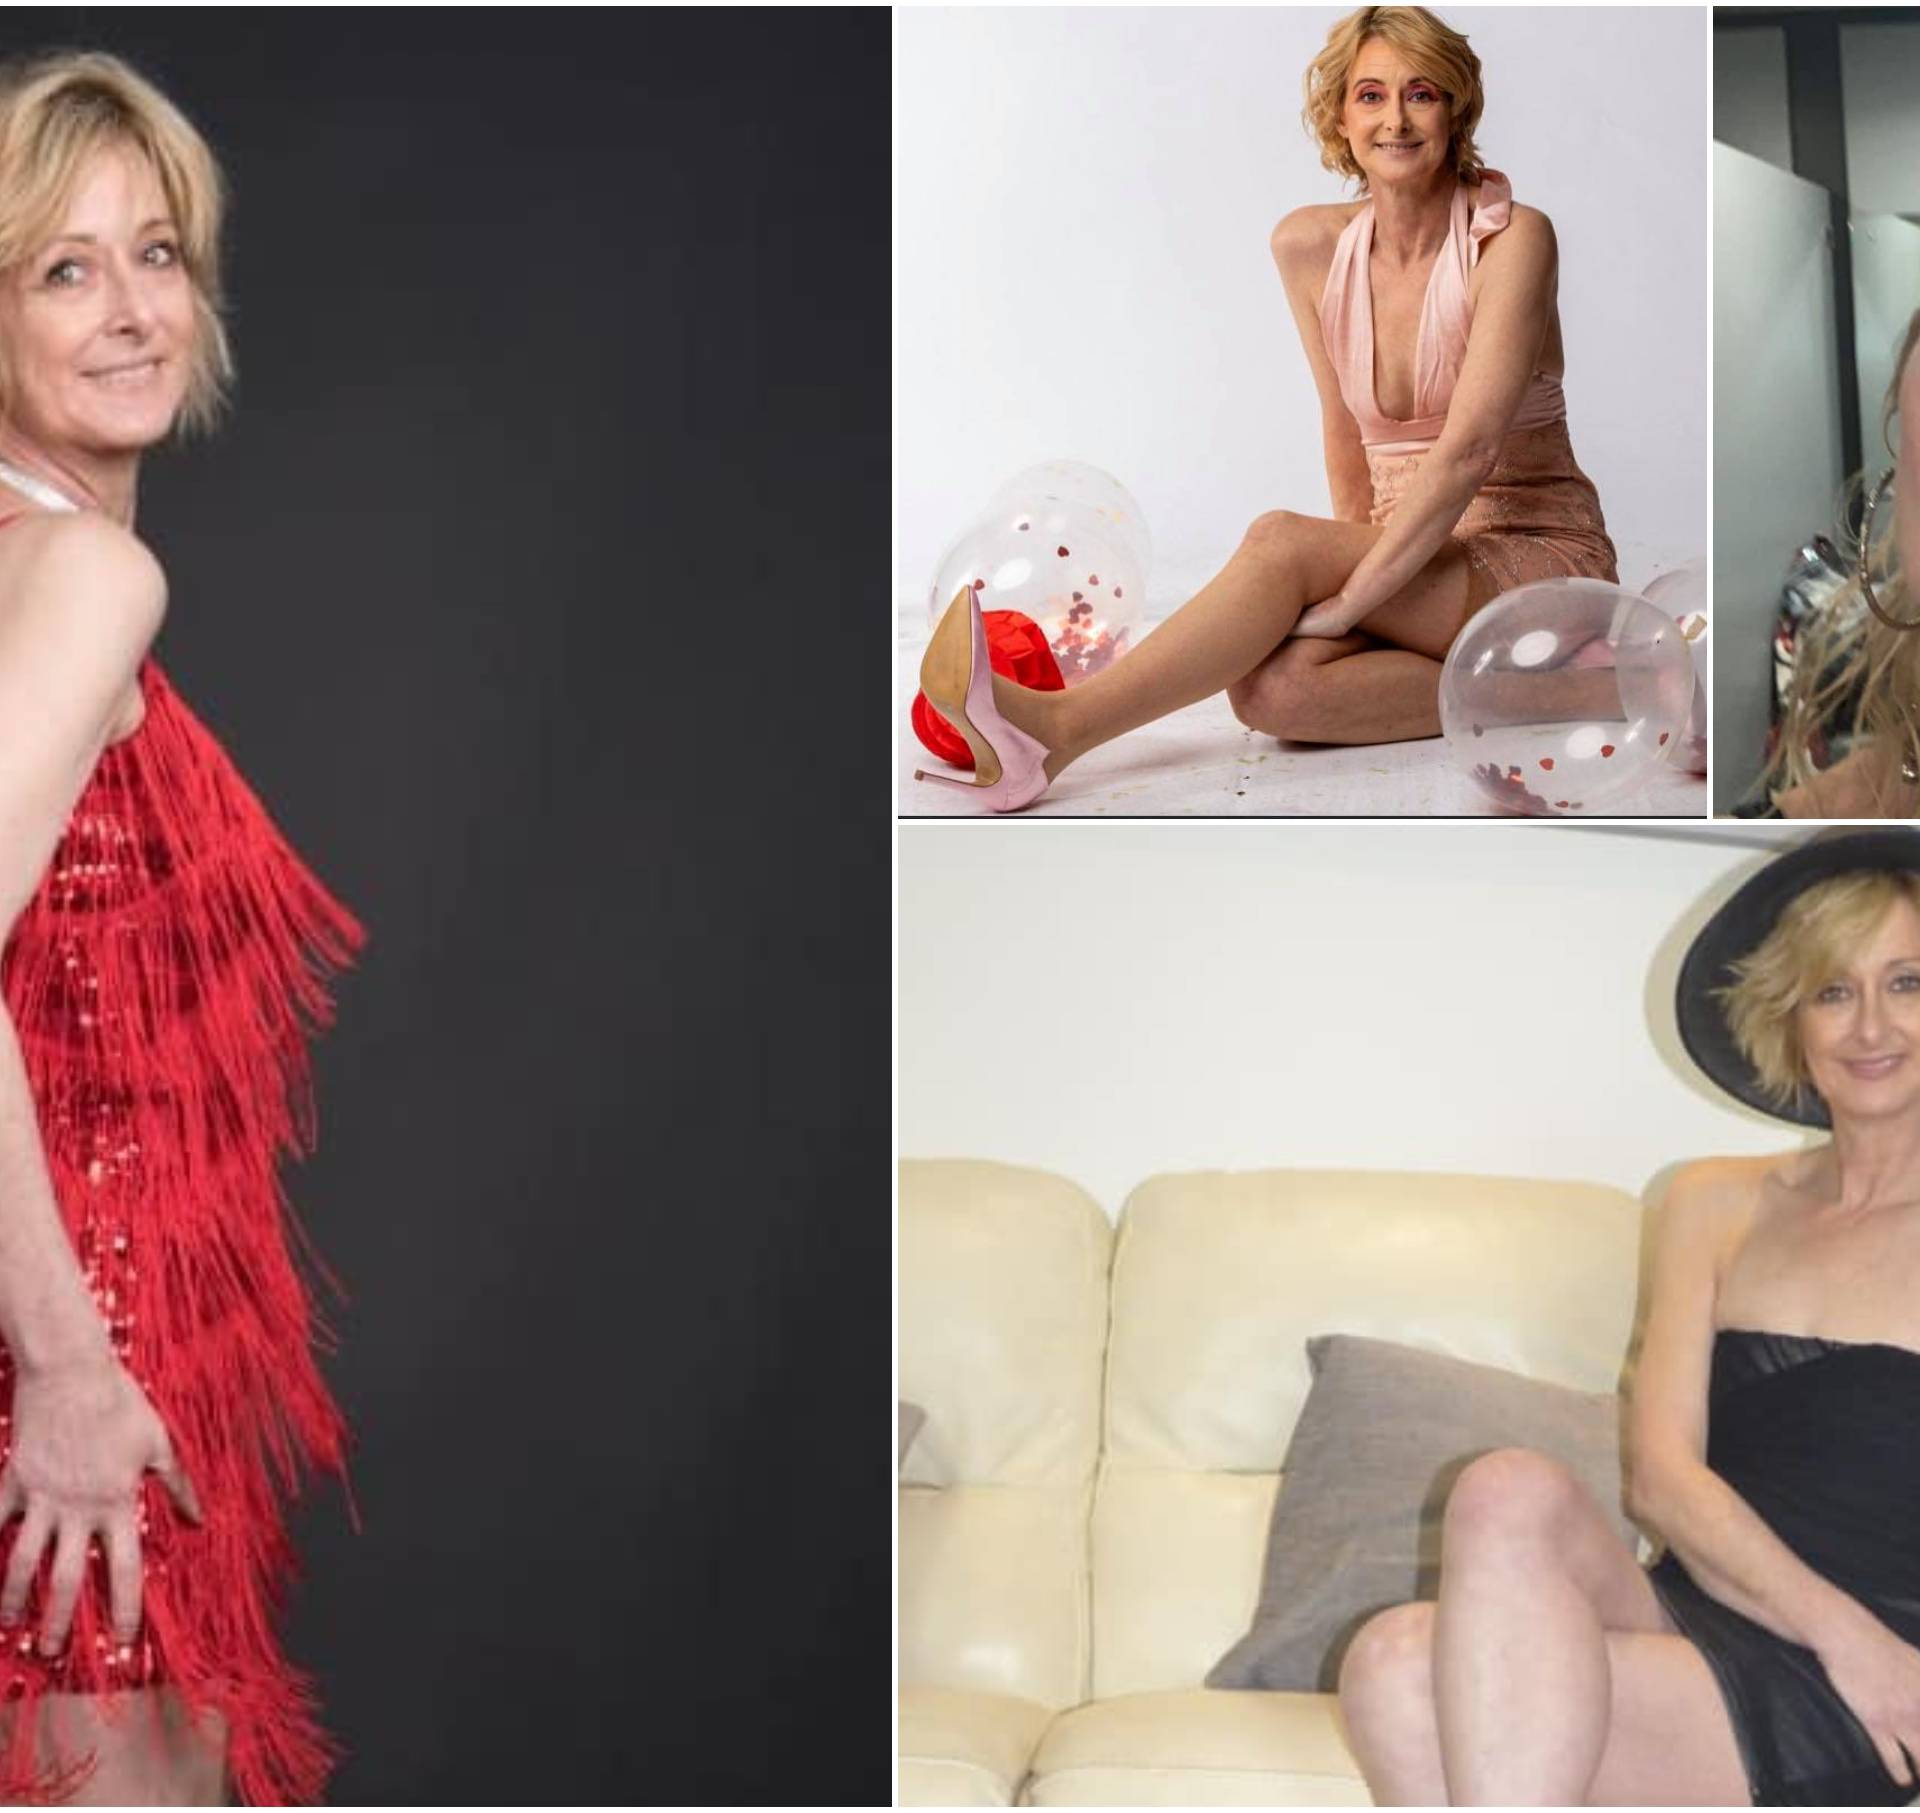 Zbog menopauze dala otkaz i počela prodavati golišave fotke